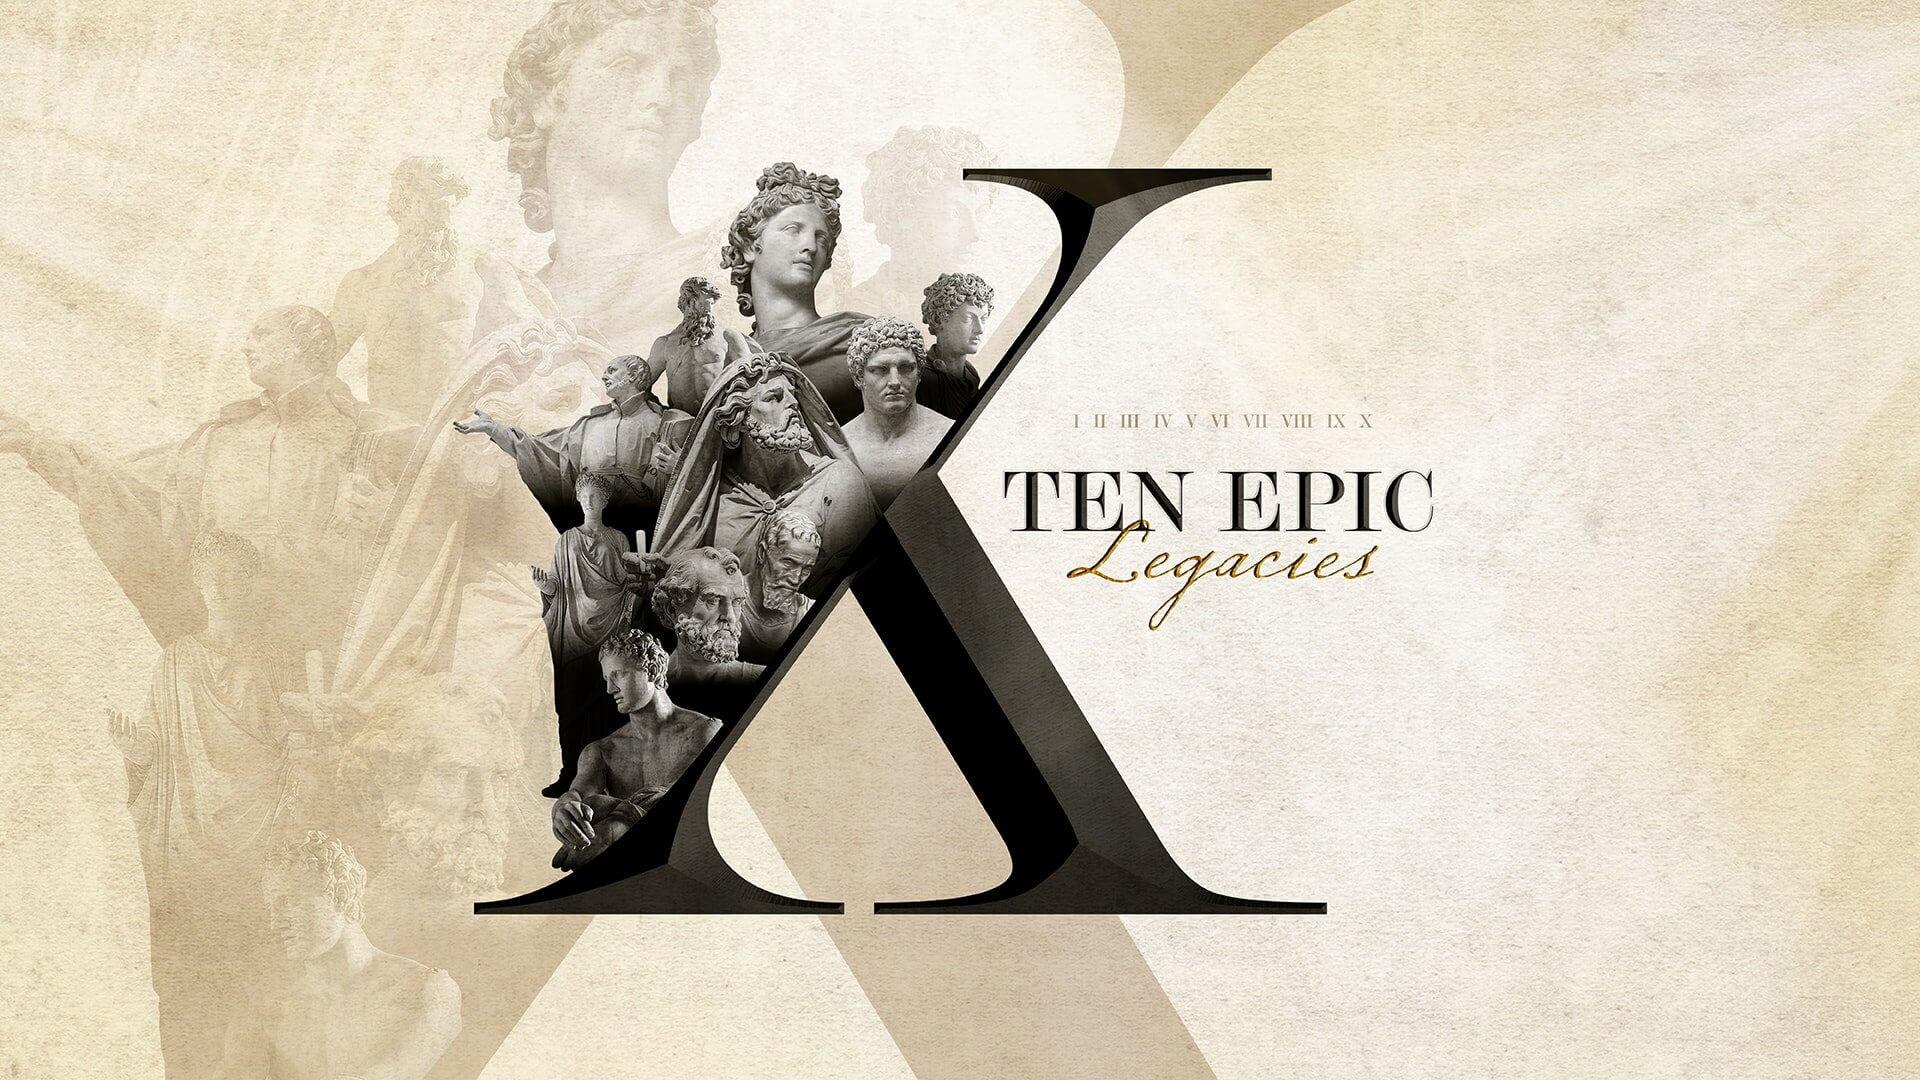 Ten Epic Legacies